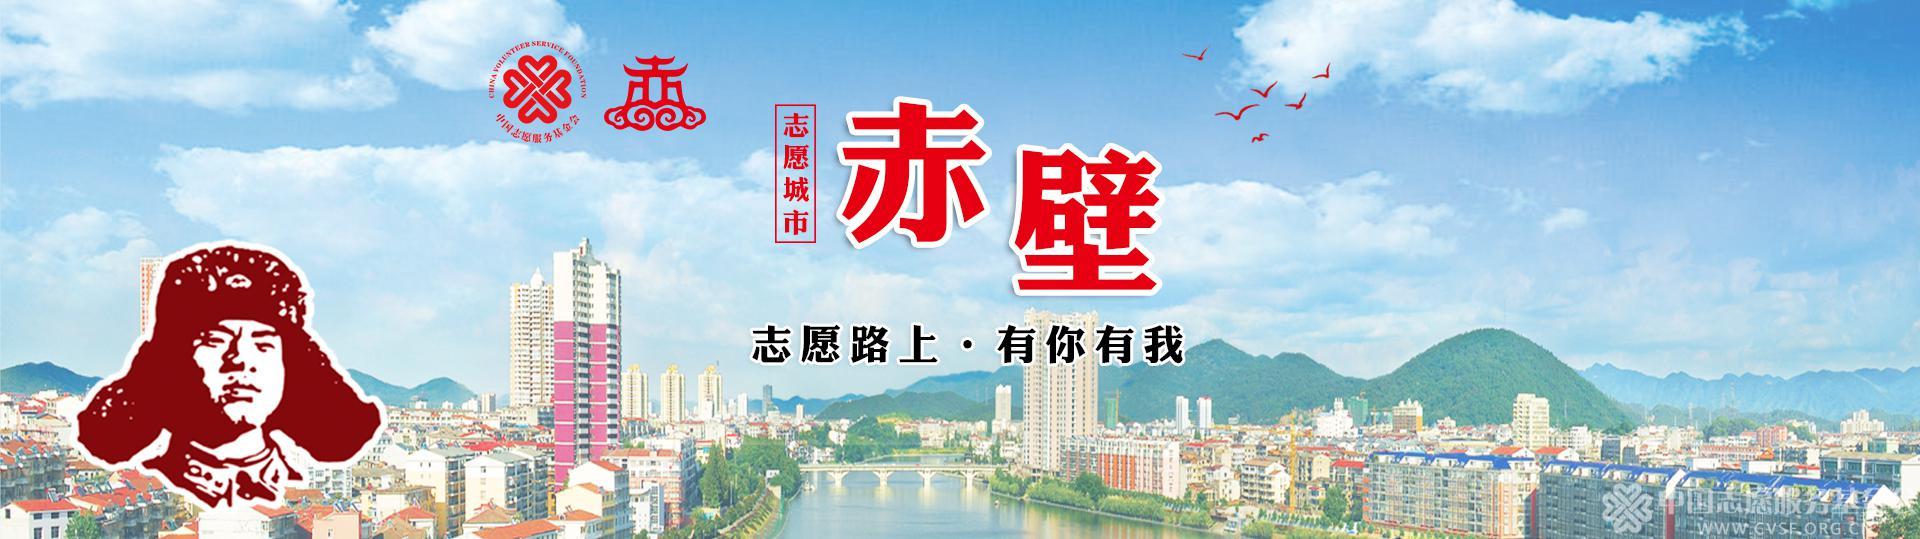 """中國志愿服務基金會""""志愿城市?赤壁""""專項基金"""